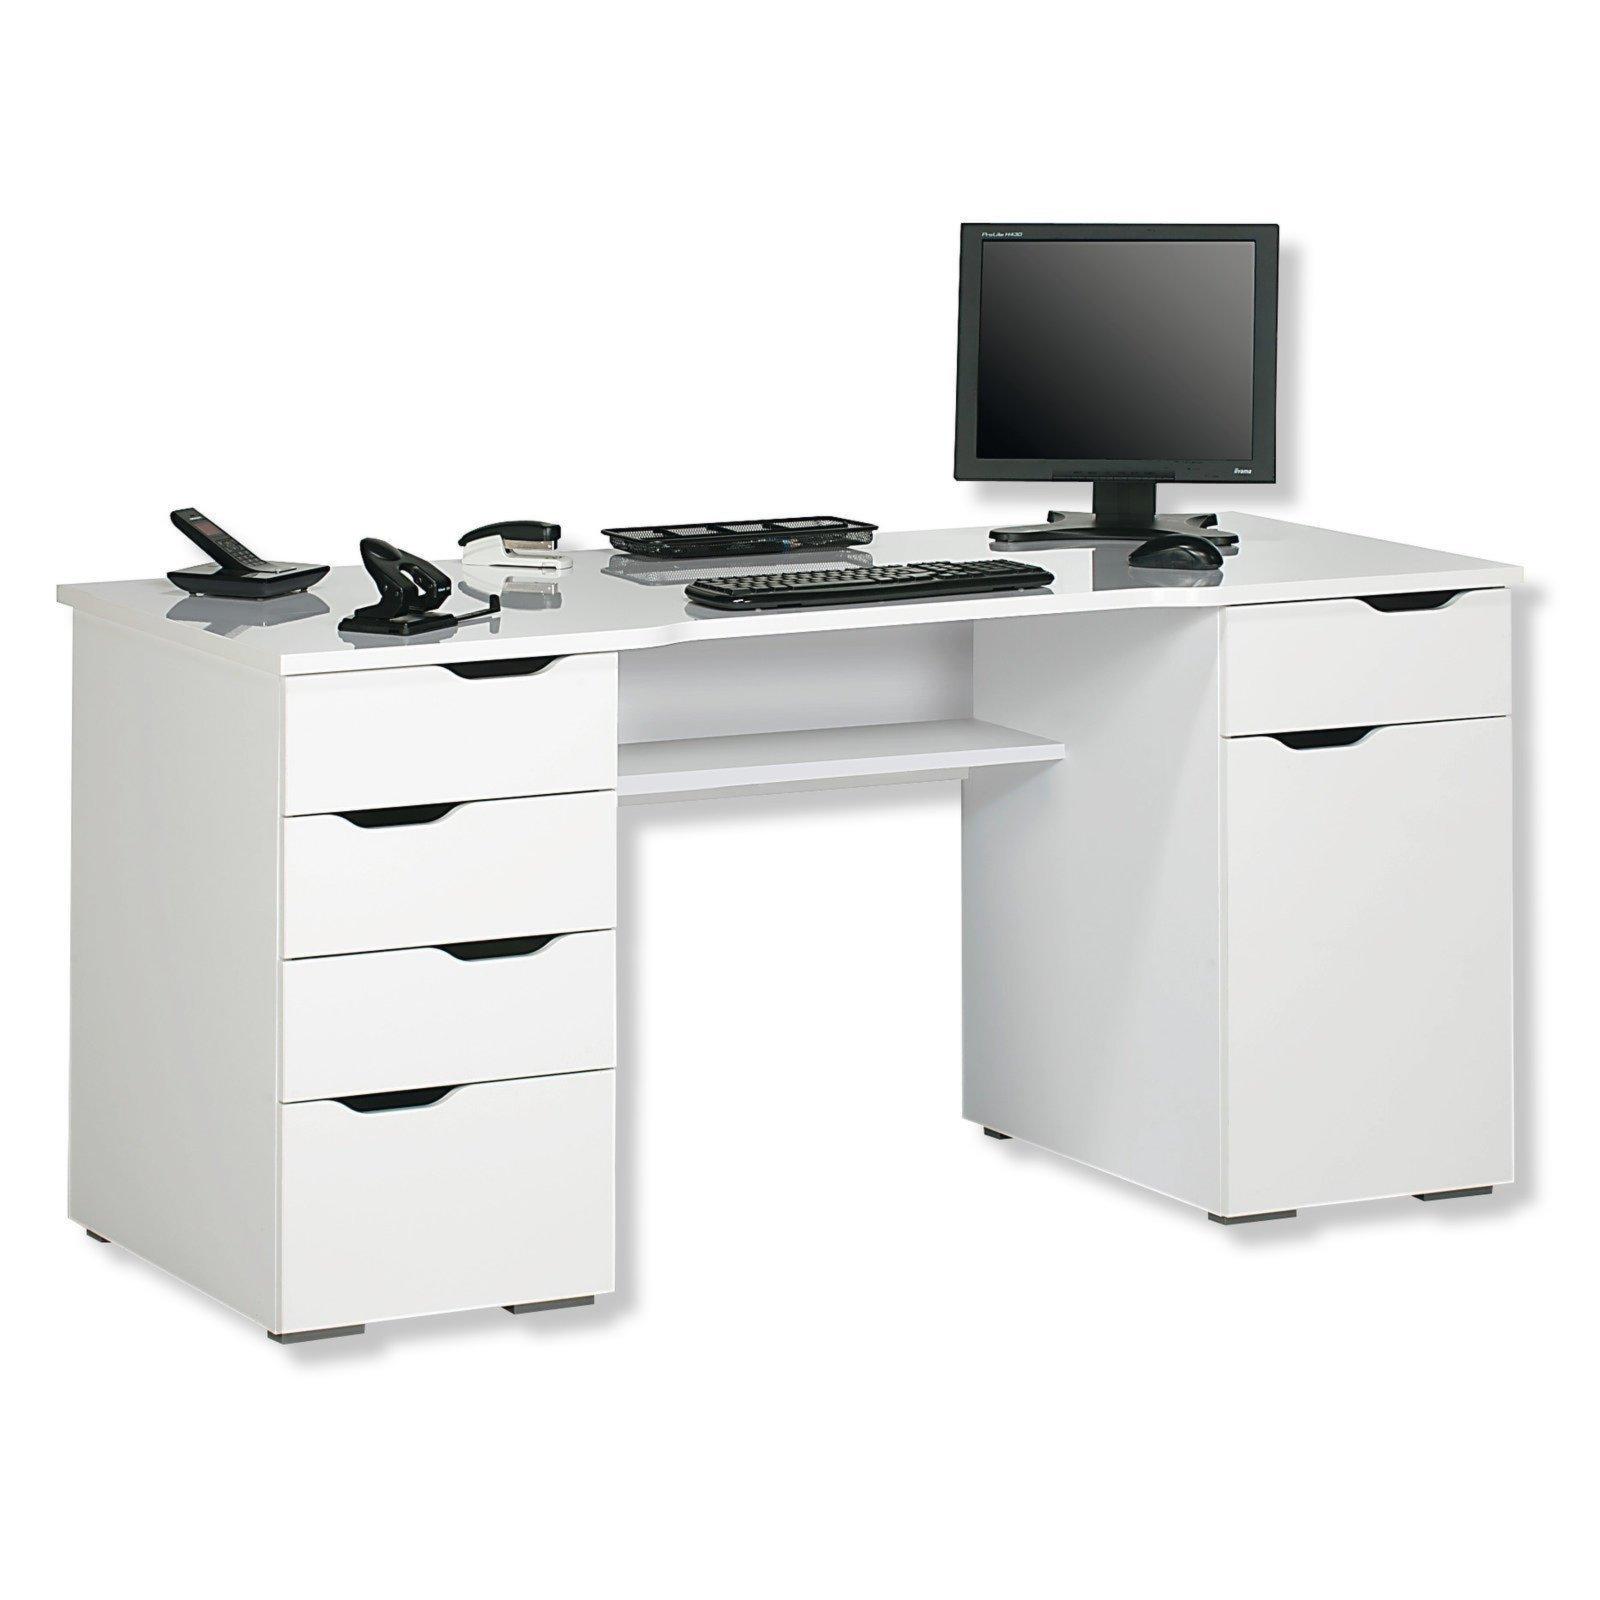 computertisch vago wei hochglanz 158 cm computertische schreibtische m bel roller. Black Bedroom Furniture Sets. Home Design Ideas